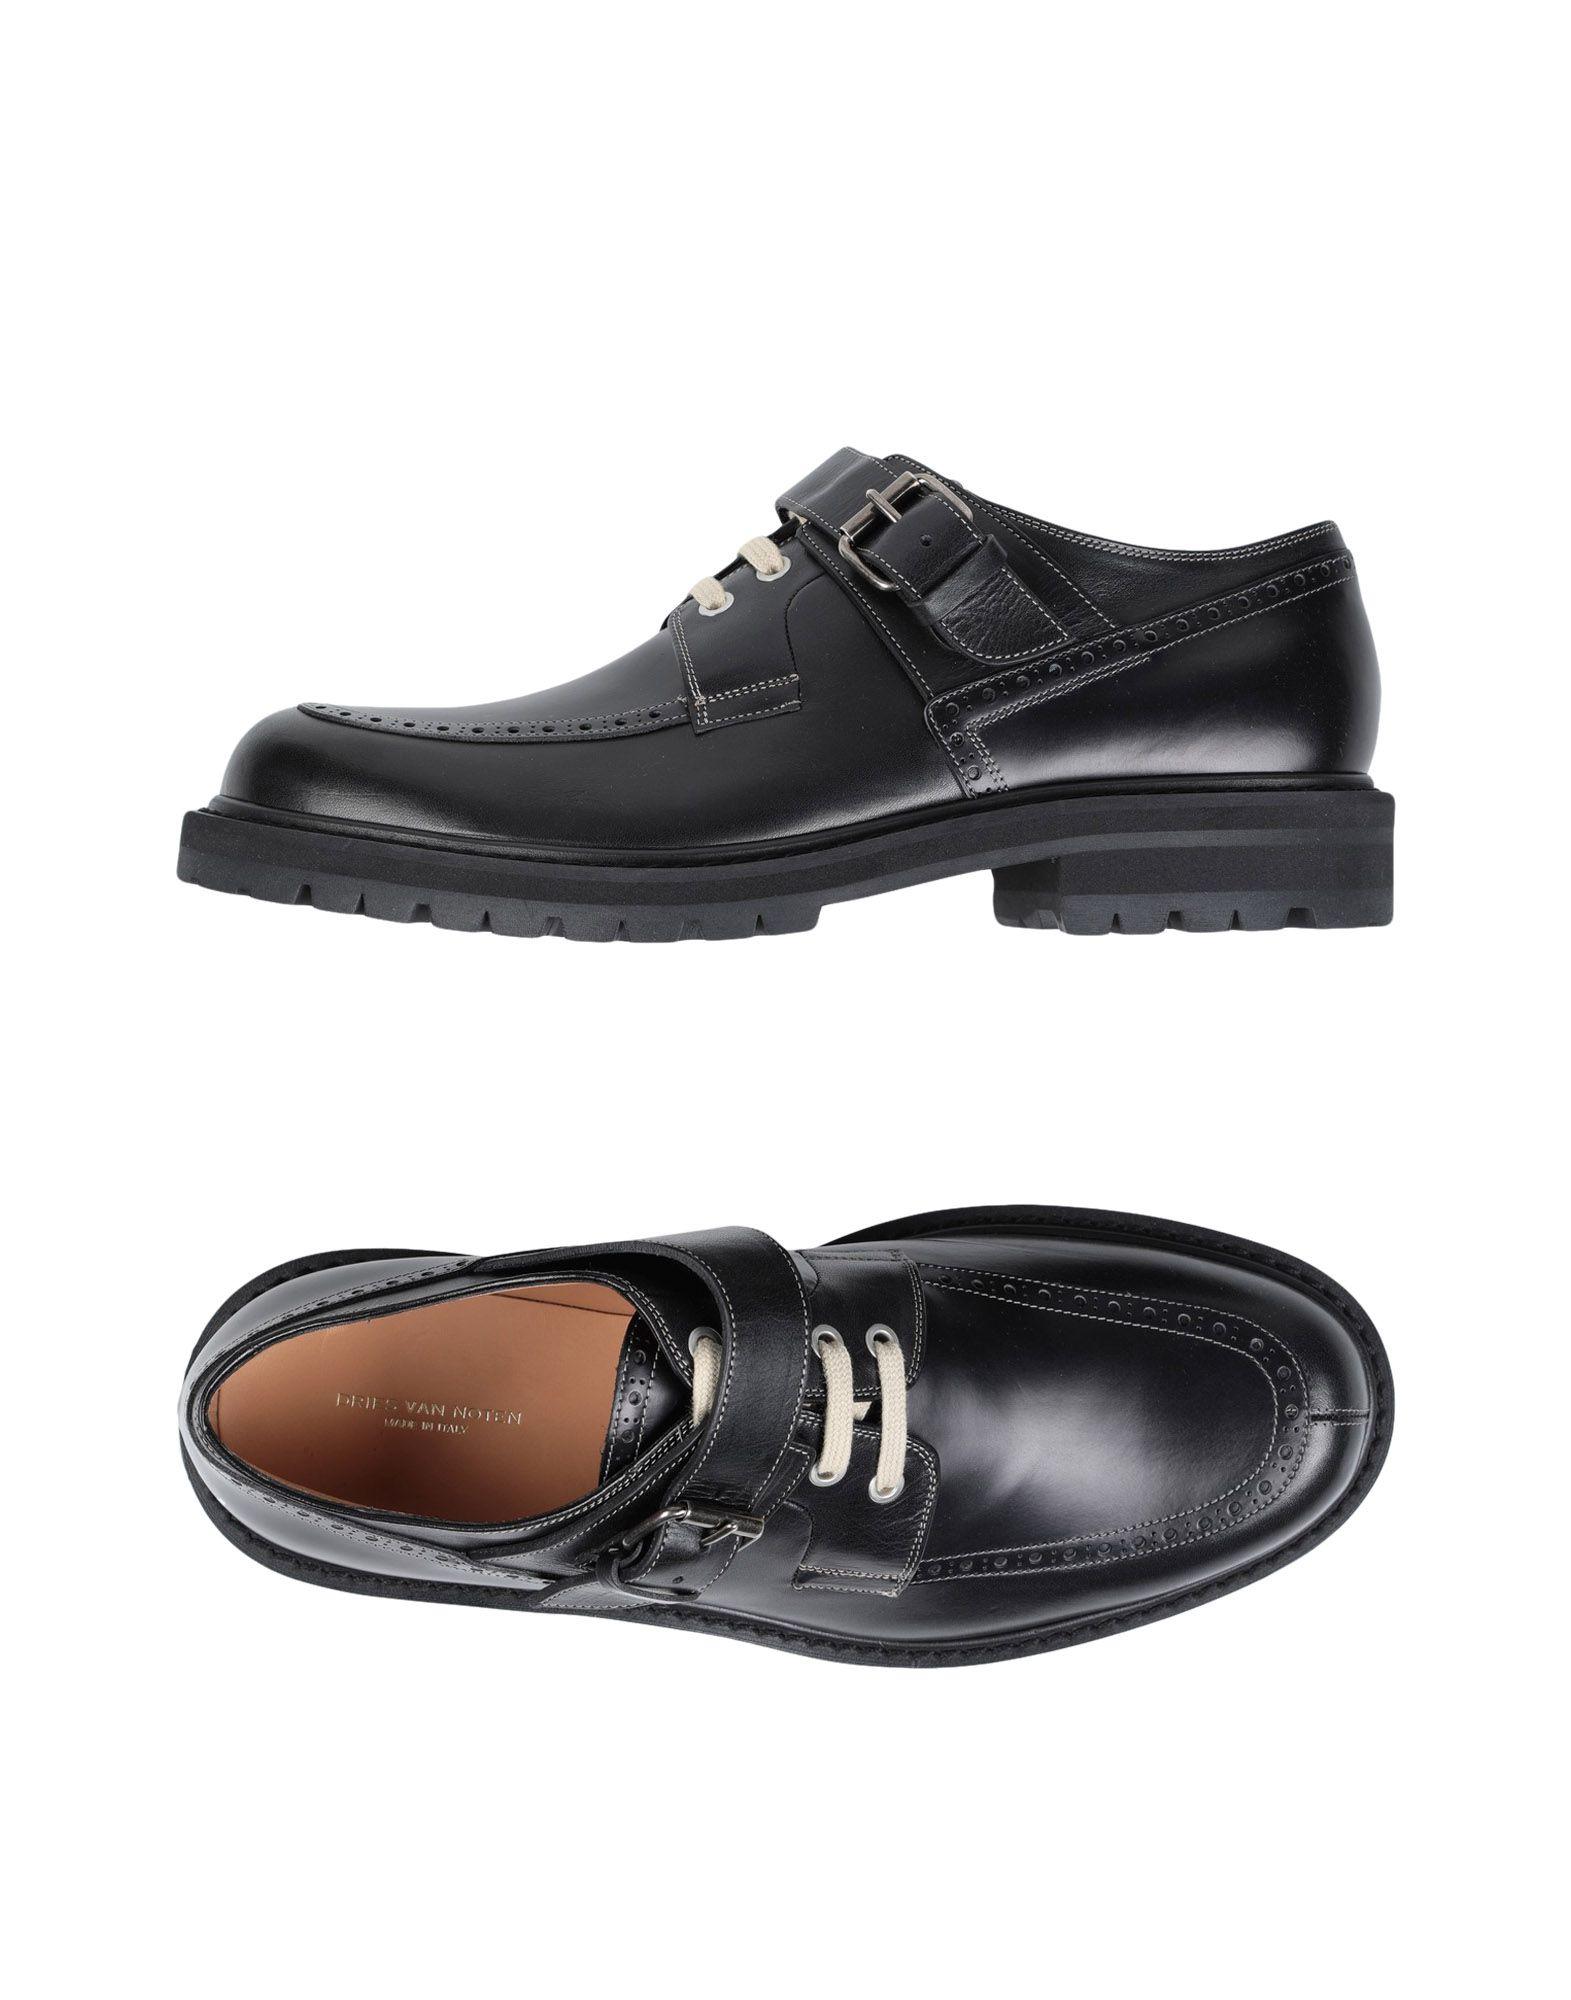 Dries Van Noten Schnürschuhe Herren  11525234GR Gute Qualität beliebte Schuhe